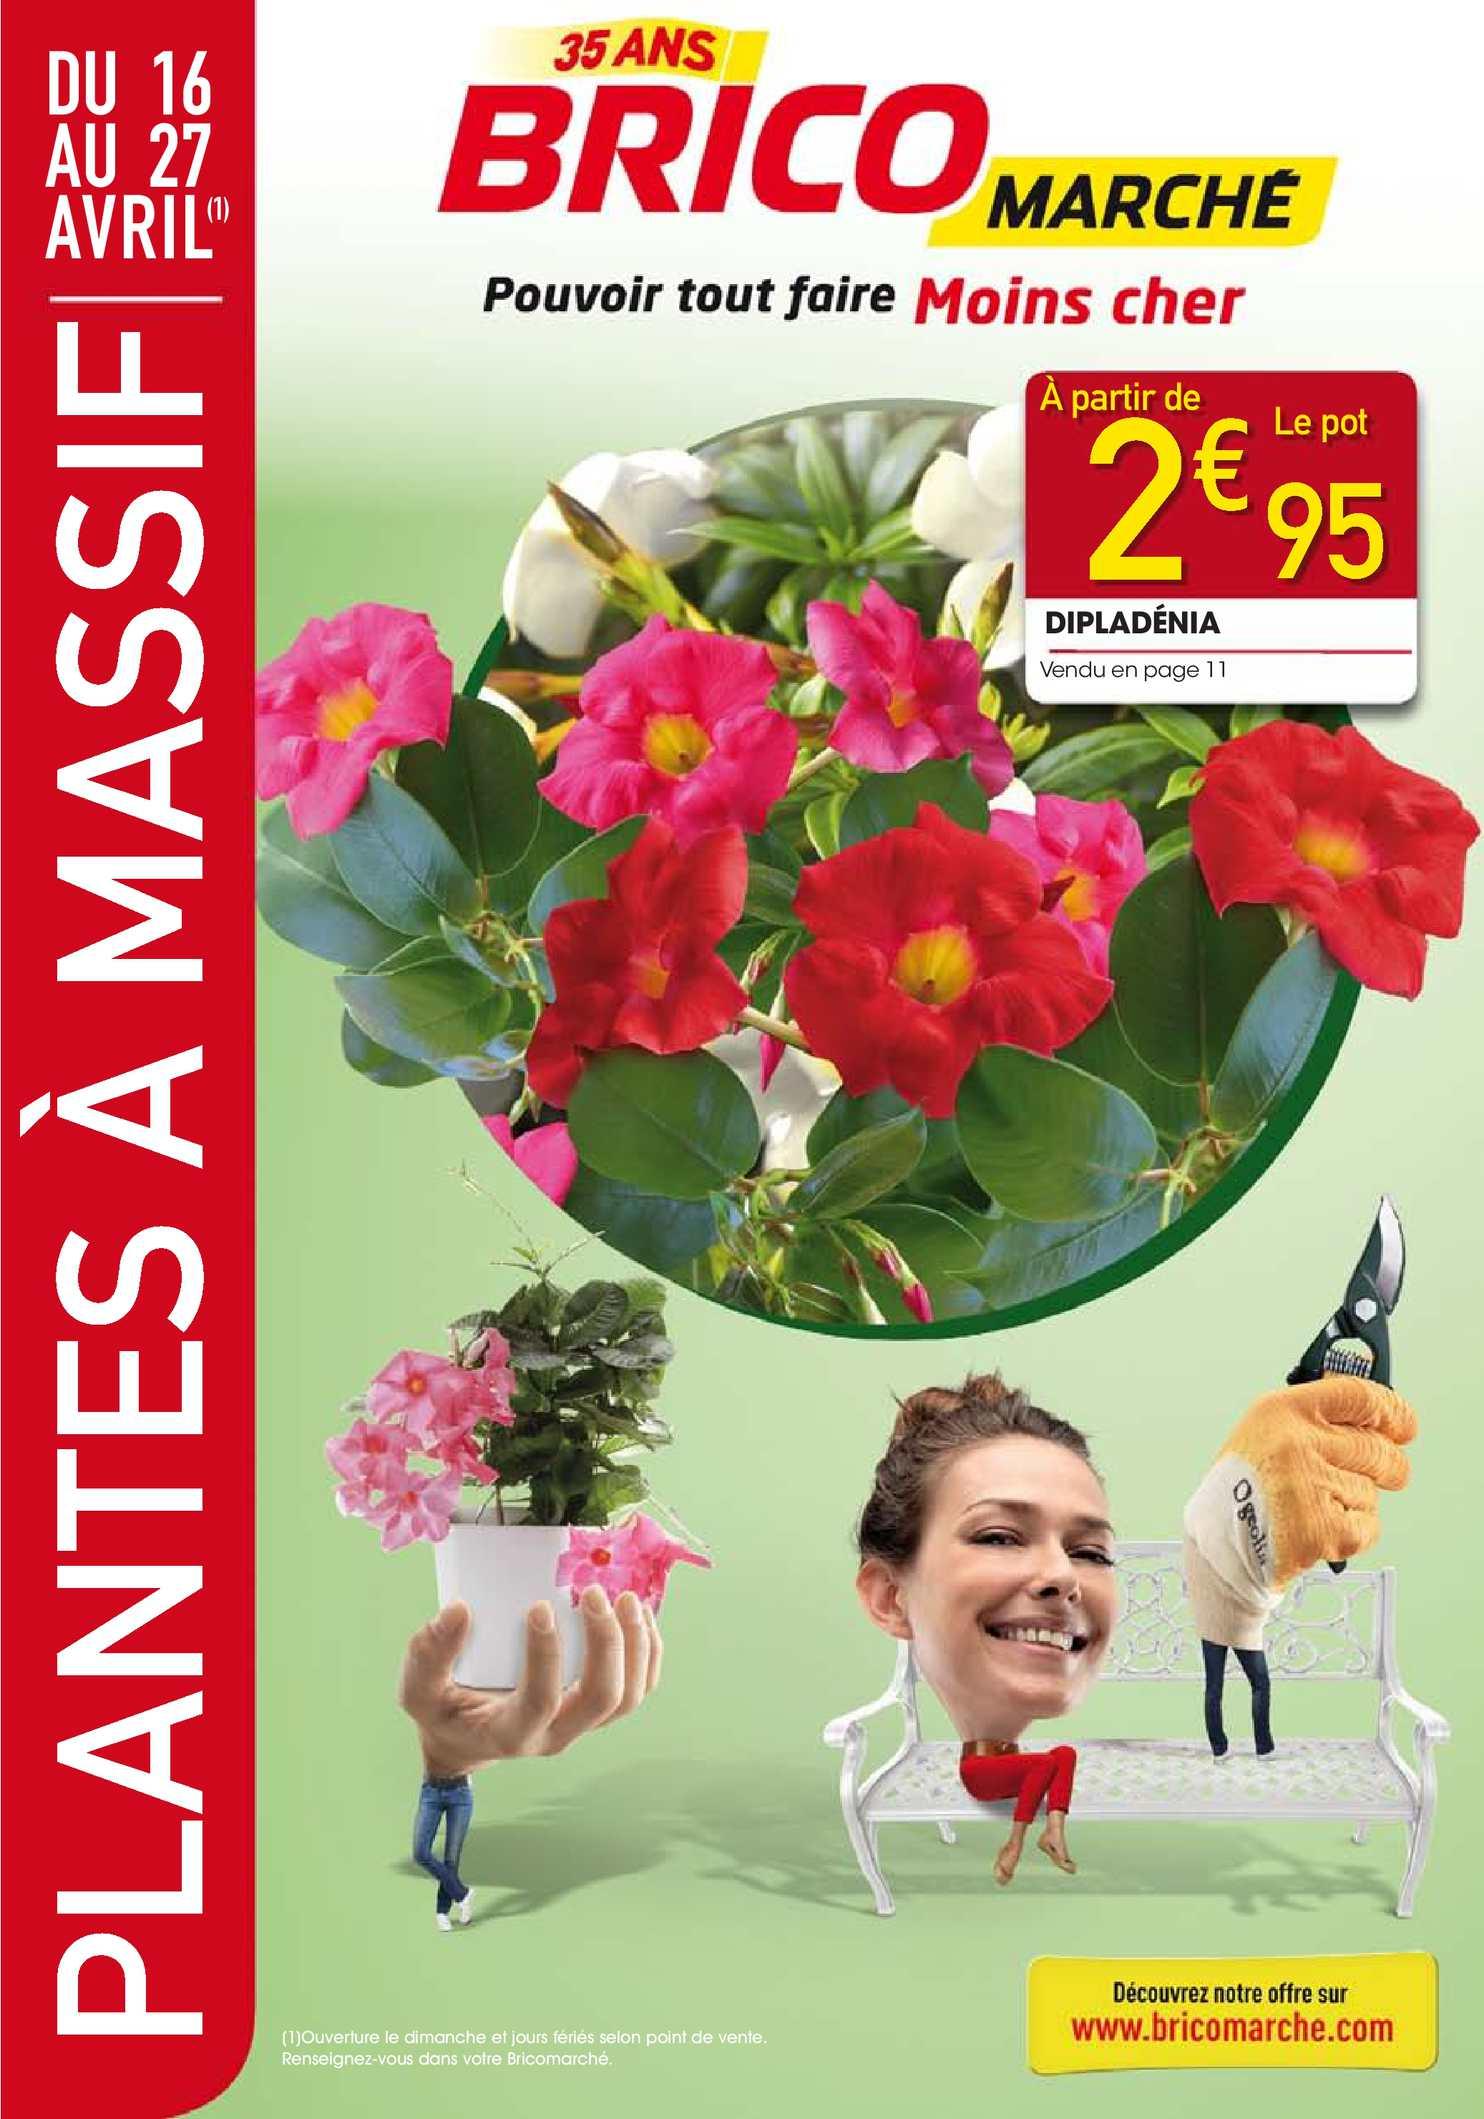 Plante Exterieur Toute Saison Pas Cher calaméo - plantes à massif, pensez bricomarché !